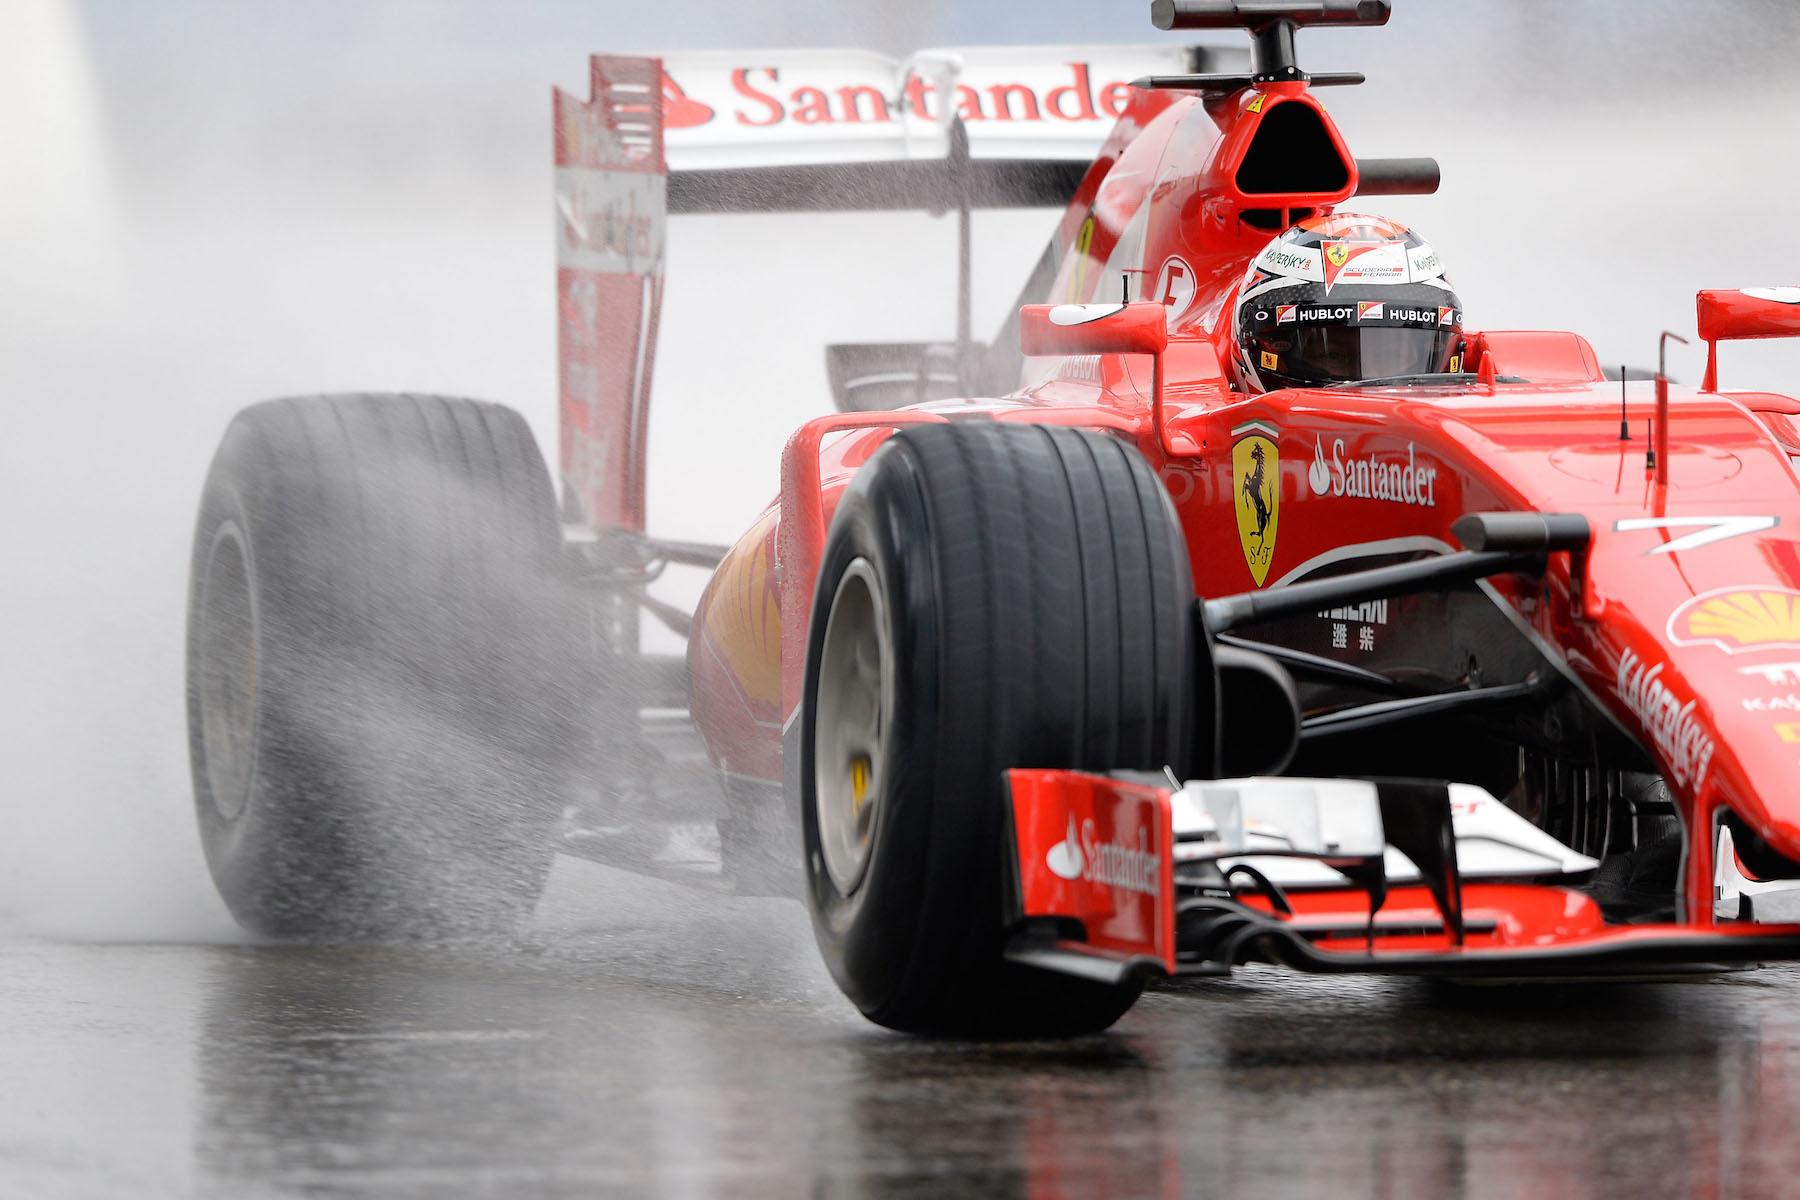 Kimi Raikkonen on track at Paul Ricard for Pirelli's wet tire test